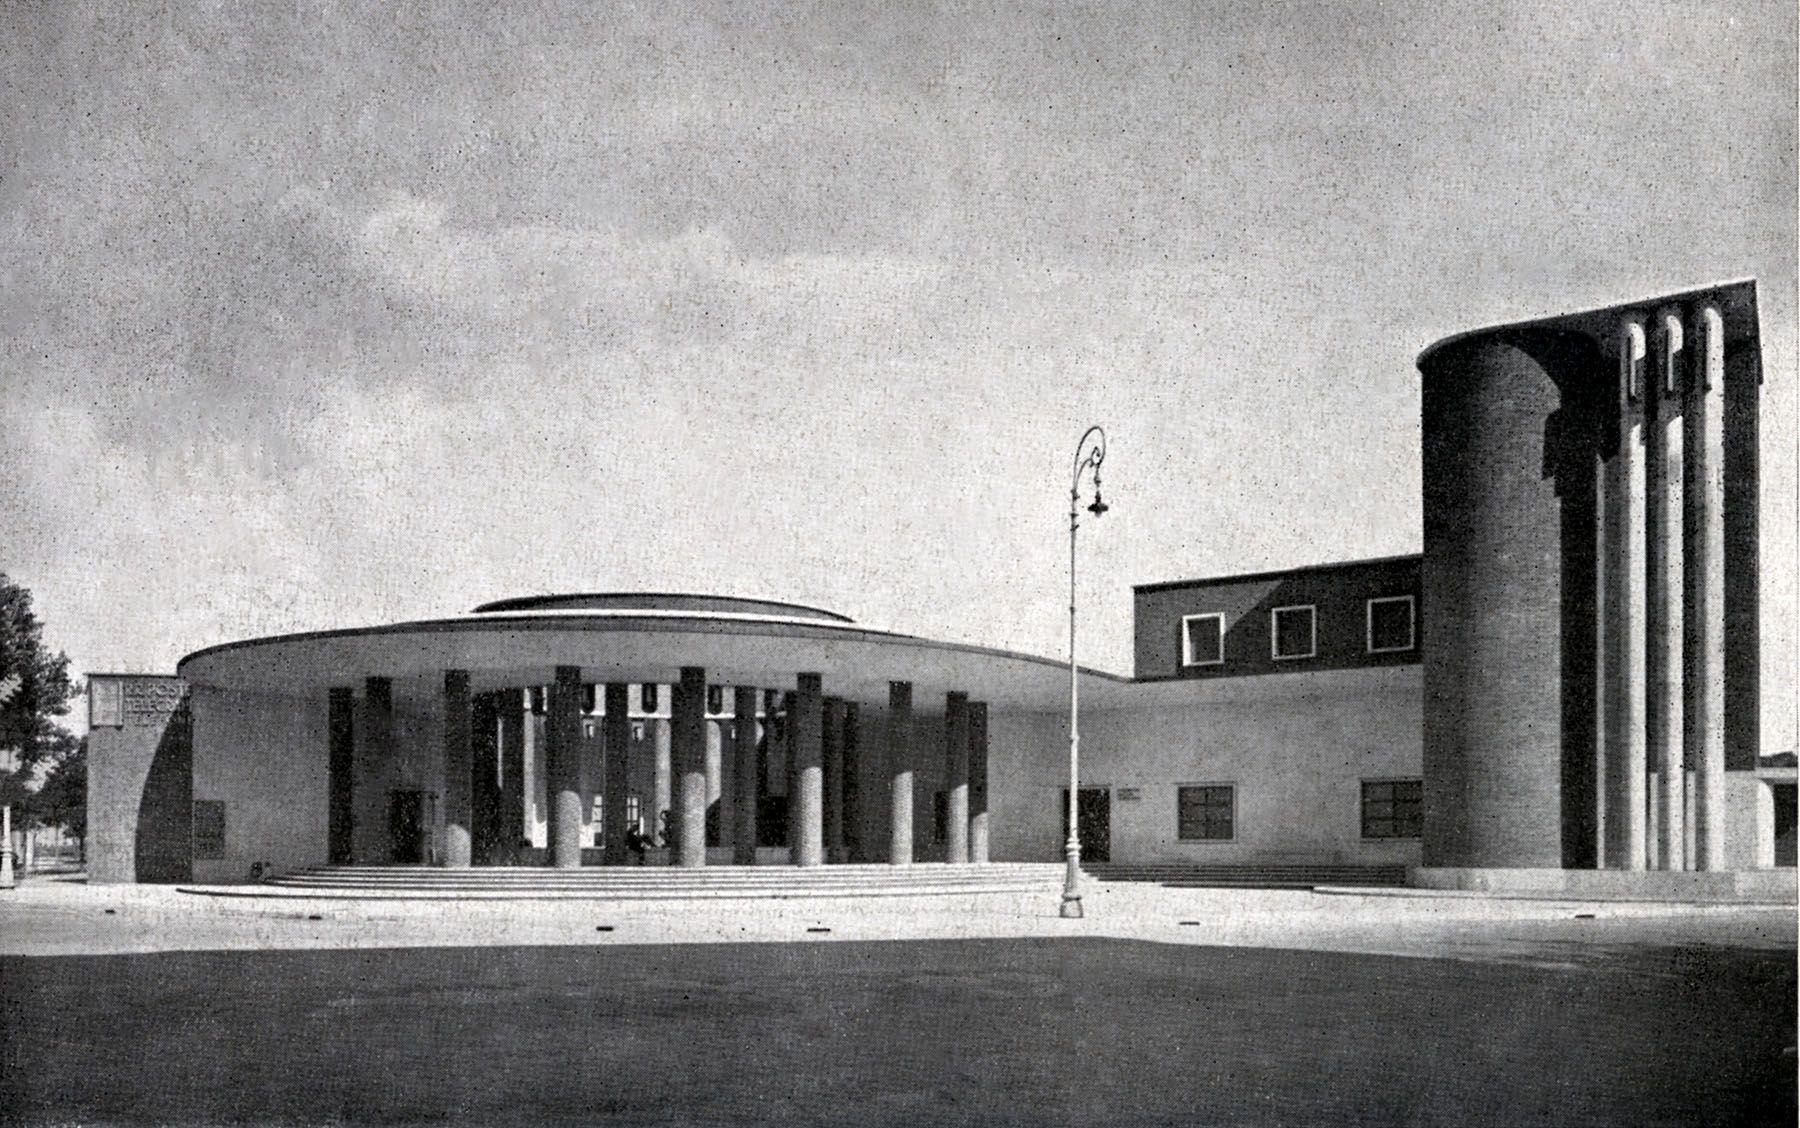 Ufficio Wikipedia : Ostia ufficio postale mazzoni edificio postale di roma lido di